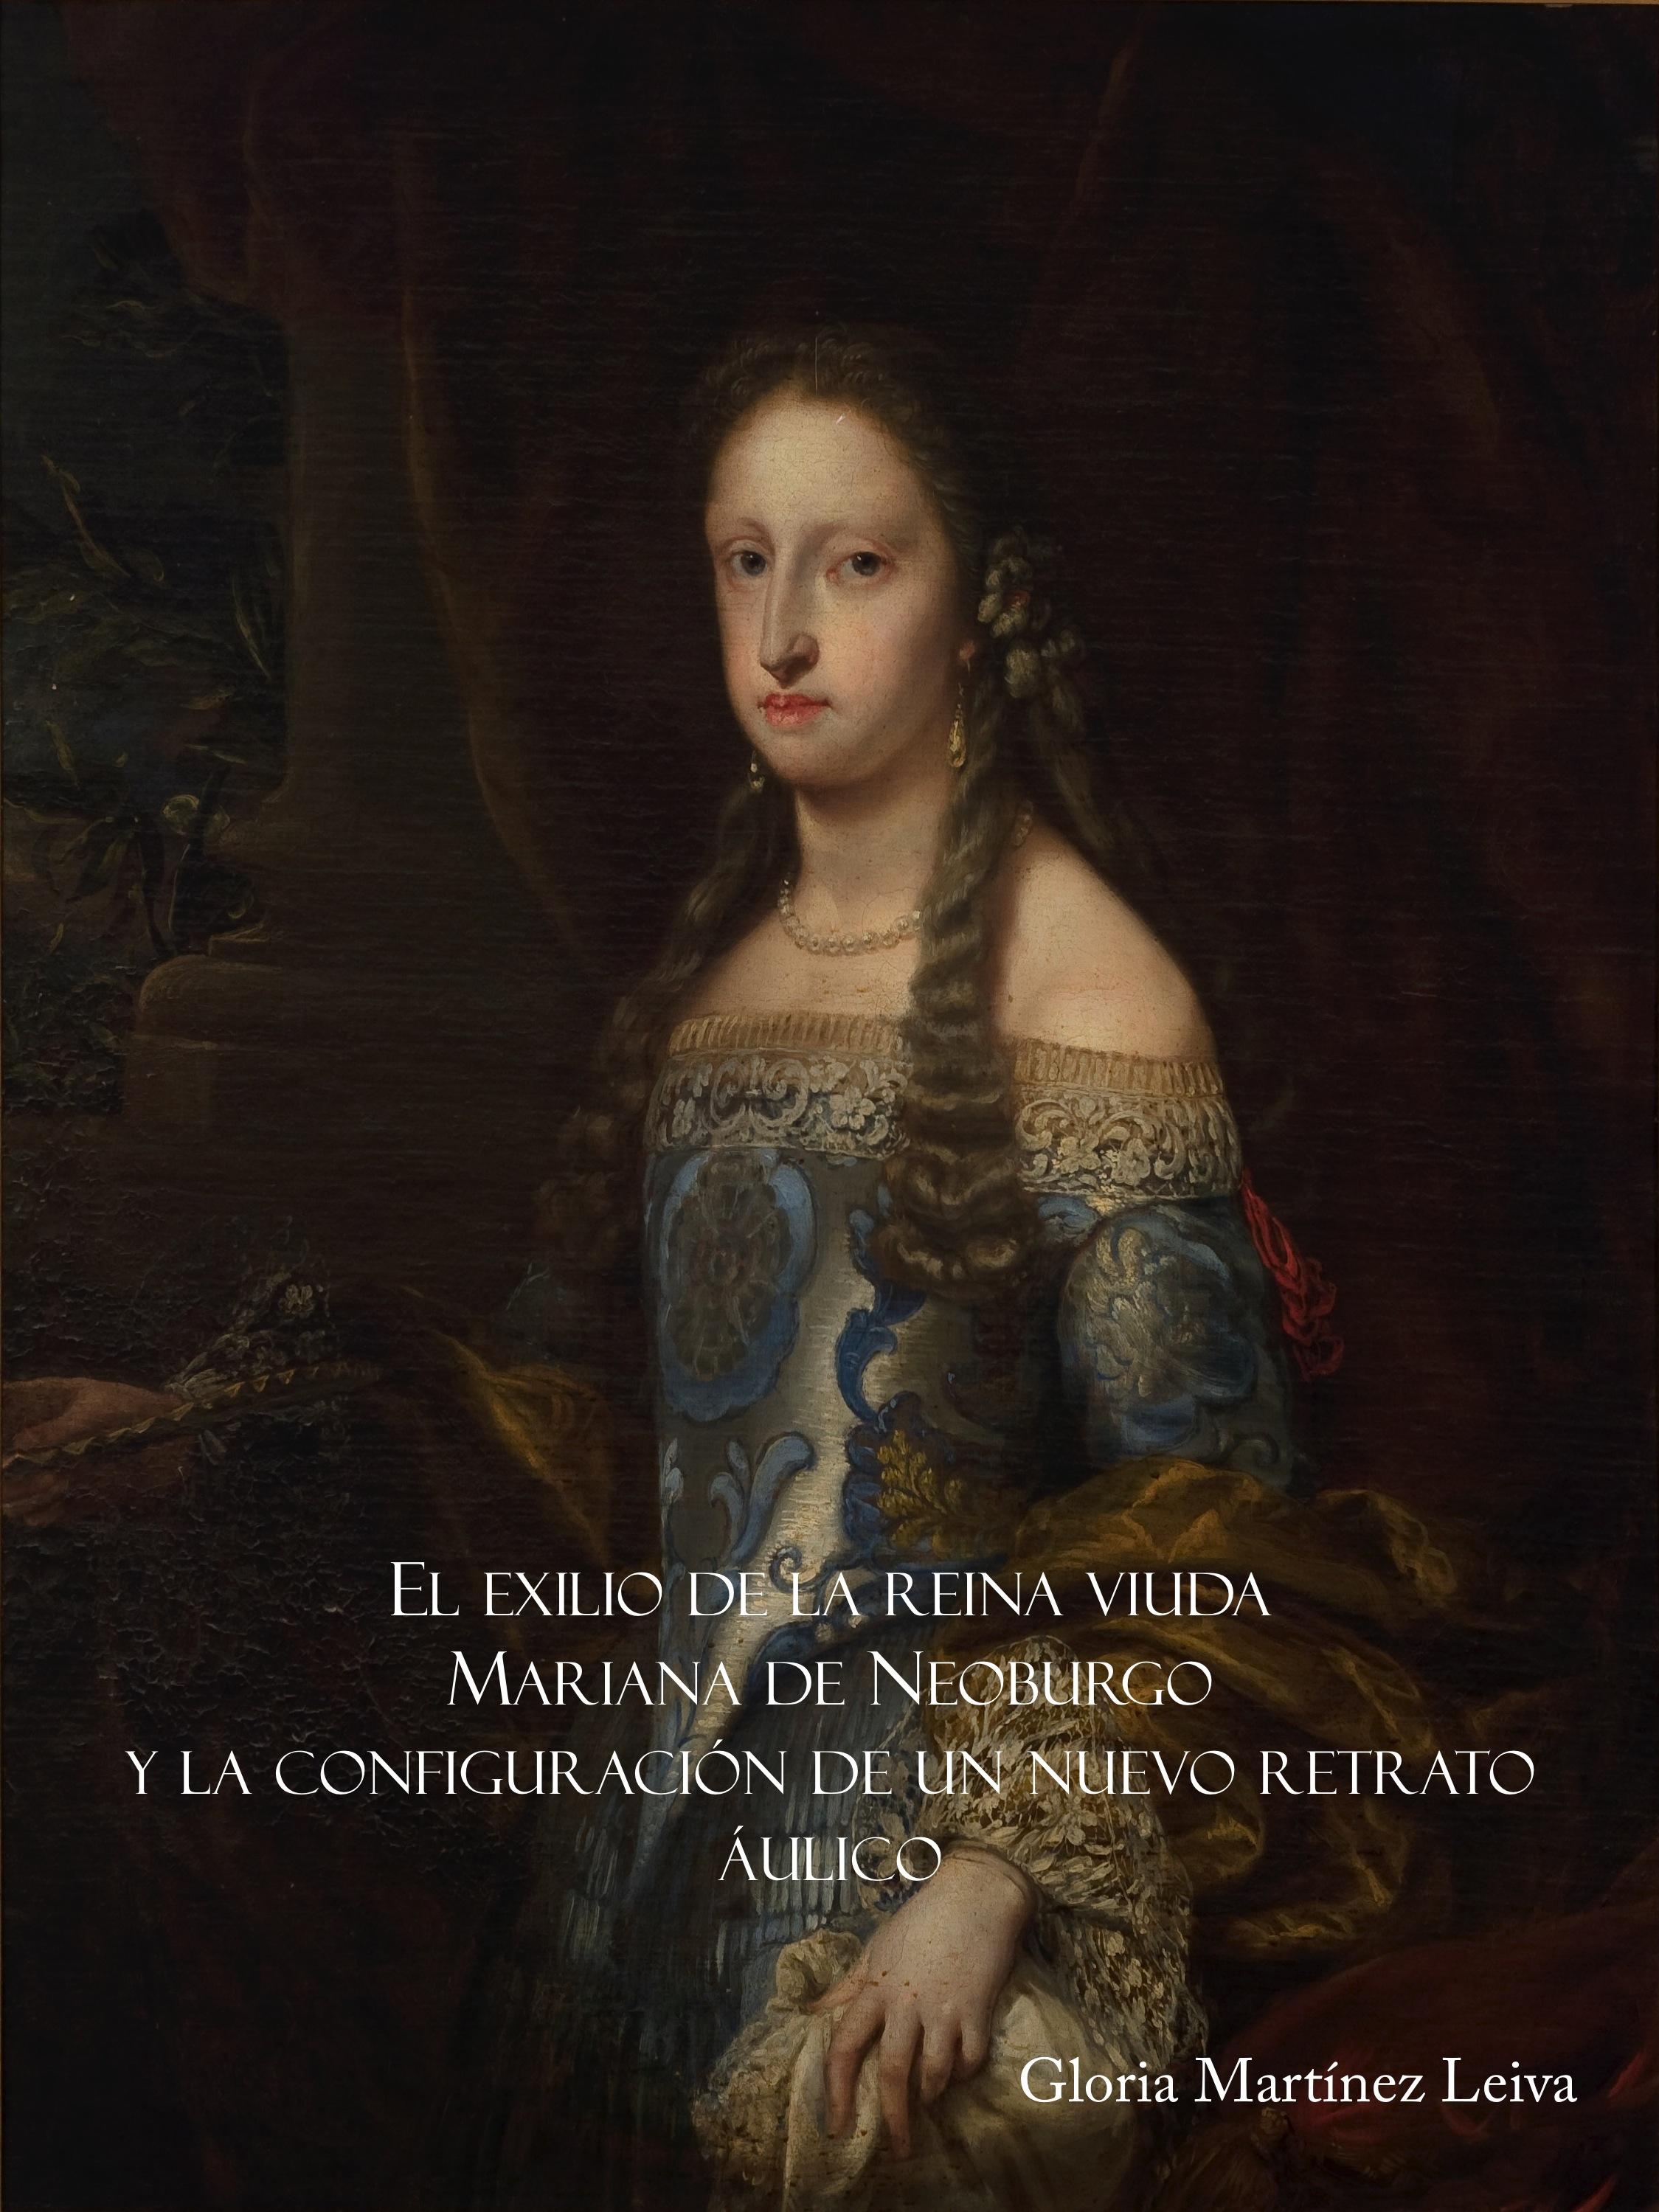 El exilio de la reina viuda Mariana de Neoburgo y la configuración de un nuevo retrato aúlico